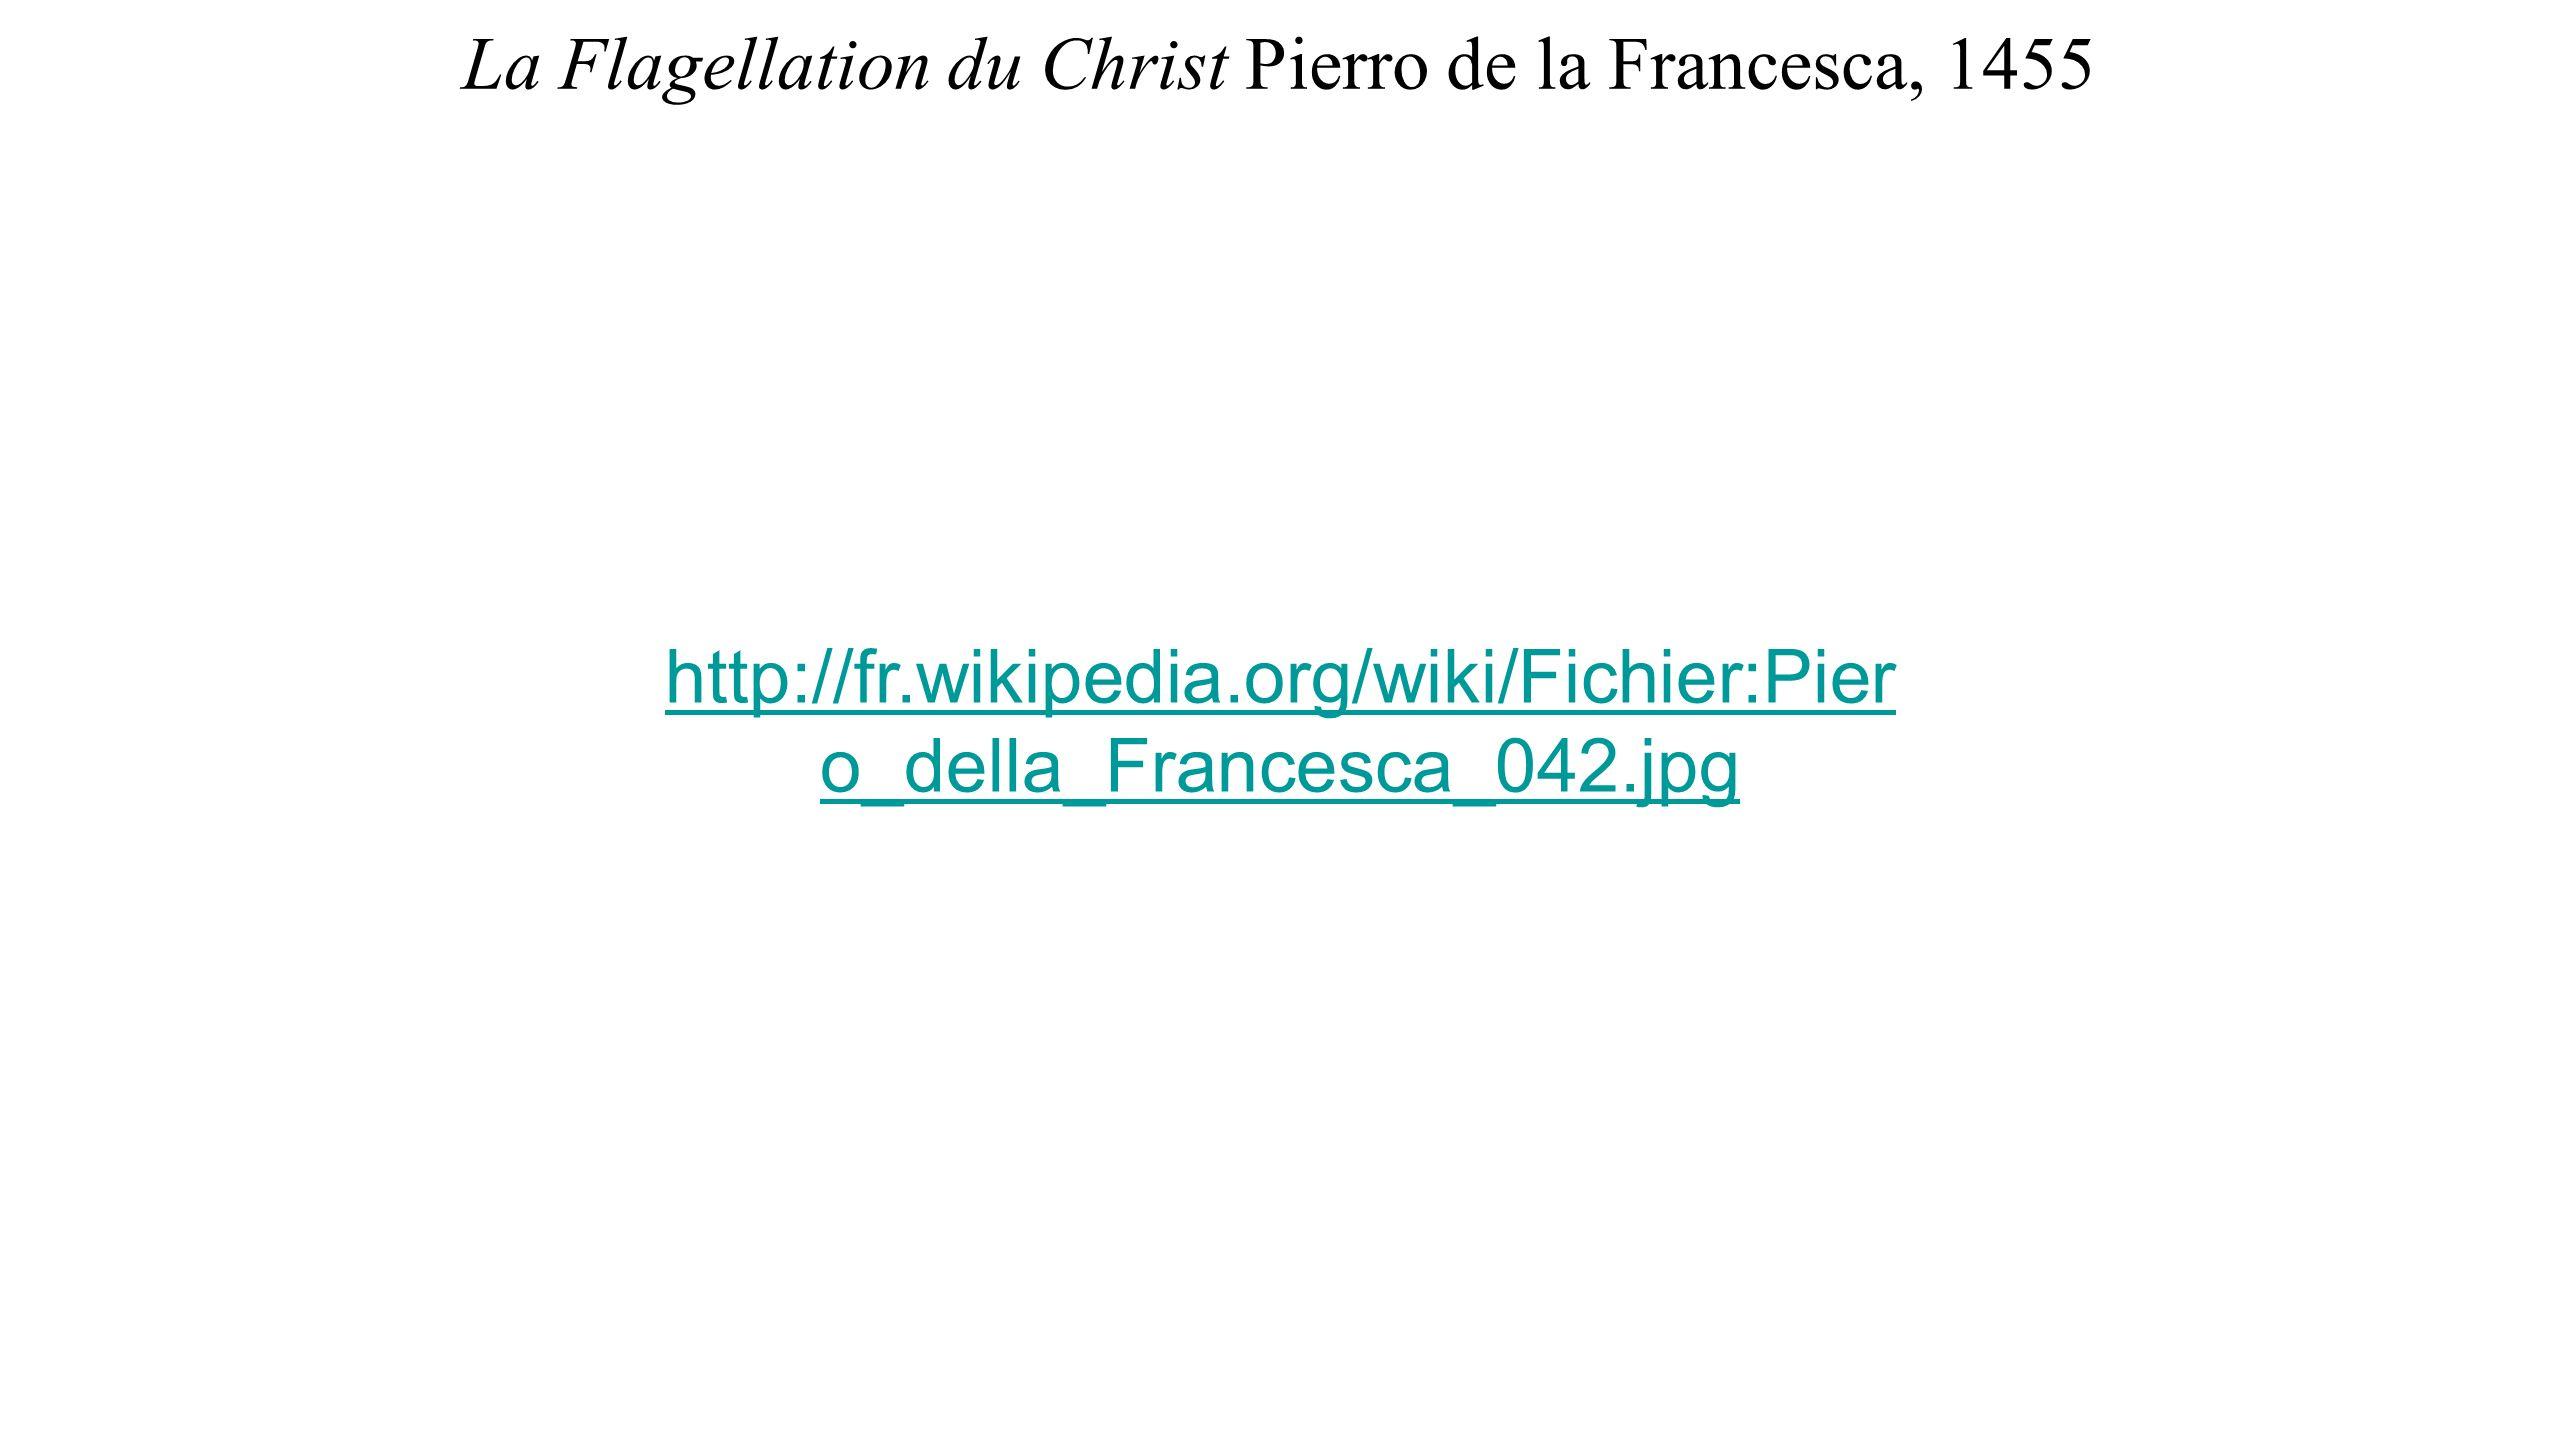 La Flagellation du Christ Pierro de la Francesca, 1455 http://fr.wikipedia.org/wiki/Fichier:Pier o_della_Francesca_042.jpg